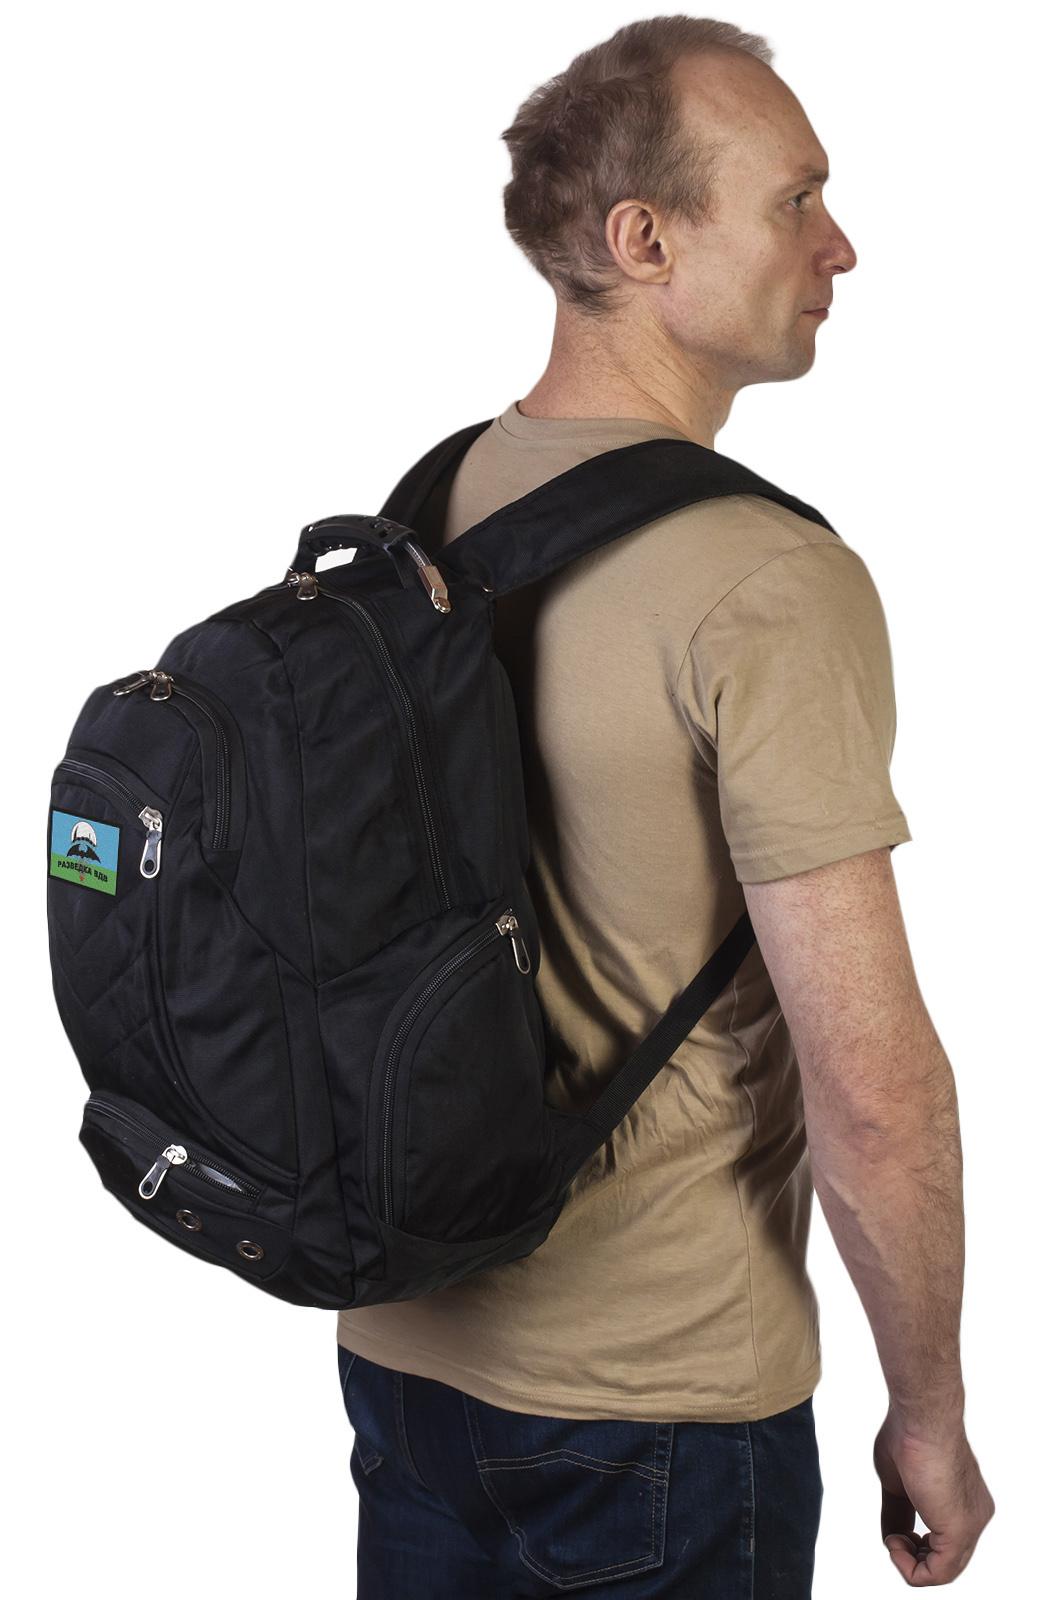 Заказать топовый городской рюкзак с флагом Разведки ВДВ